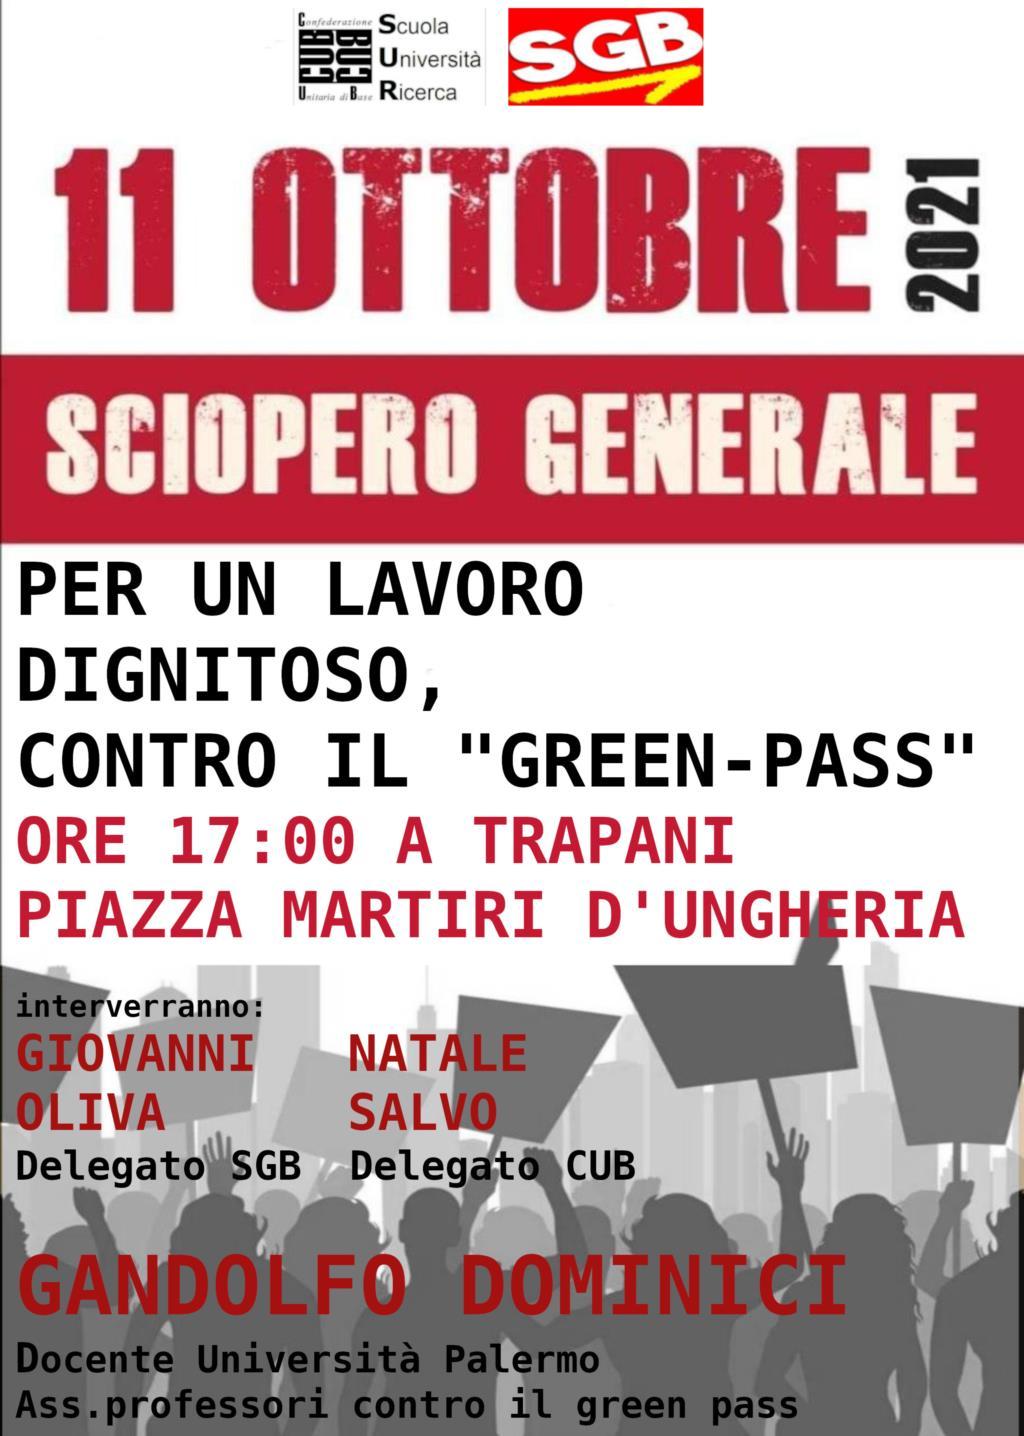 Per un lavoro dignitoso contro il Green pass, manifestazione a Trapani